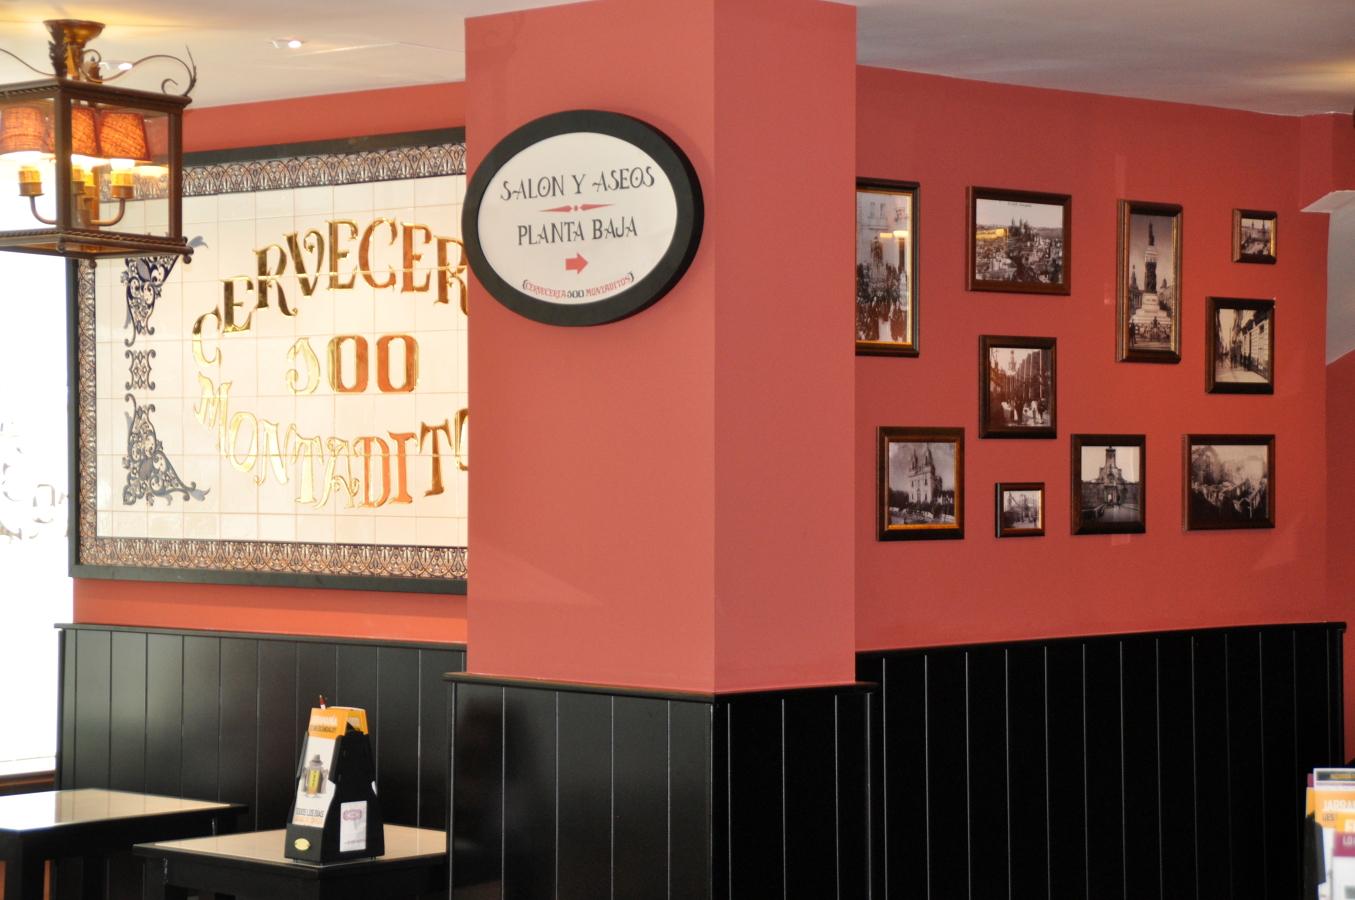 Foto cerveceria 100 montaditos de quatro decoracion for Decoracion de cervecerias